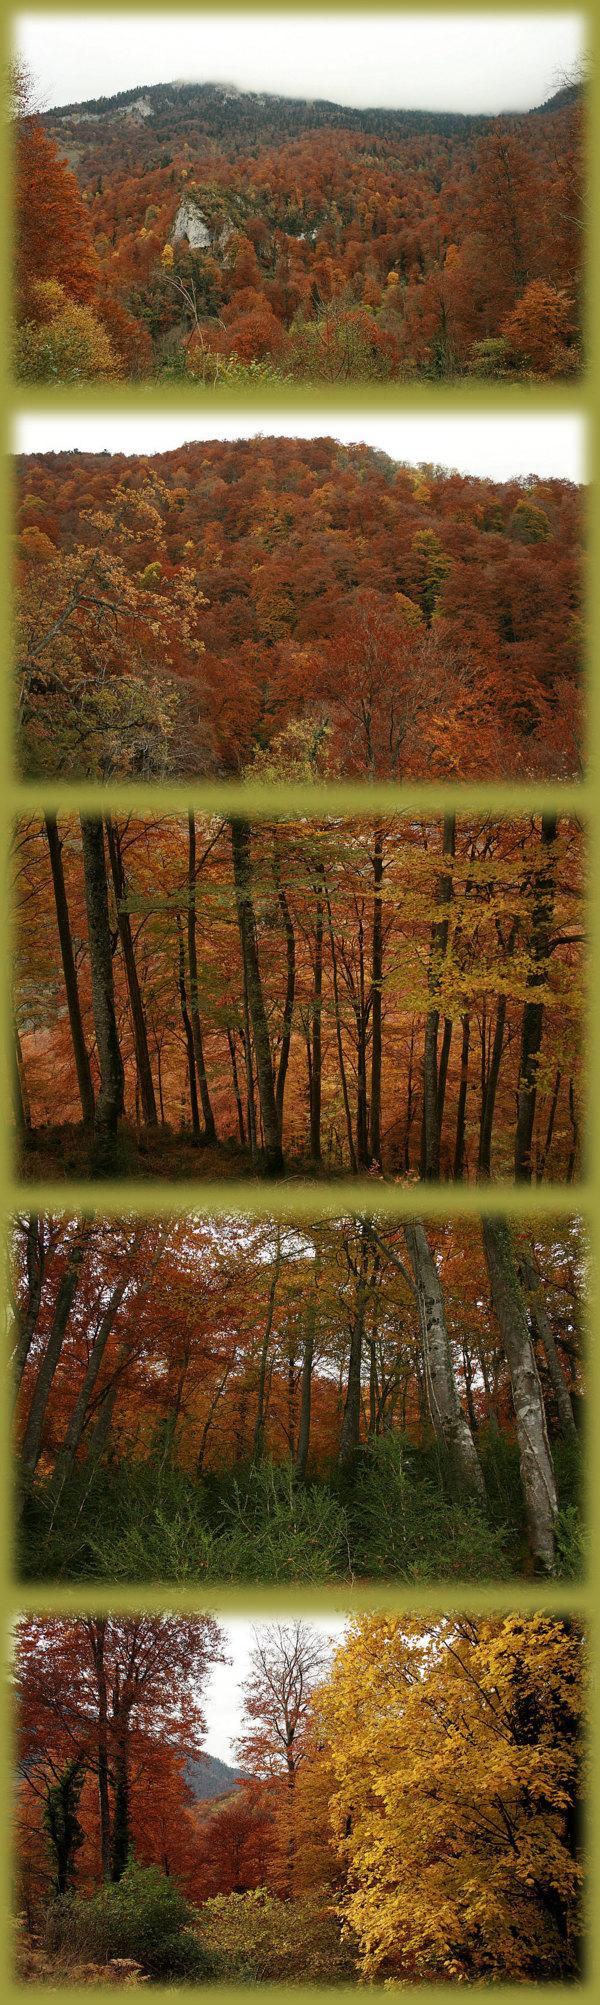 La haute vallée du Job (31 - Haut Comminges) sous les feux d'un automne 2007 flamboyant